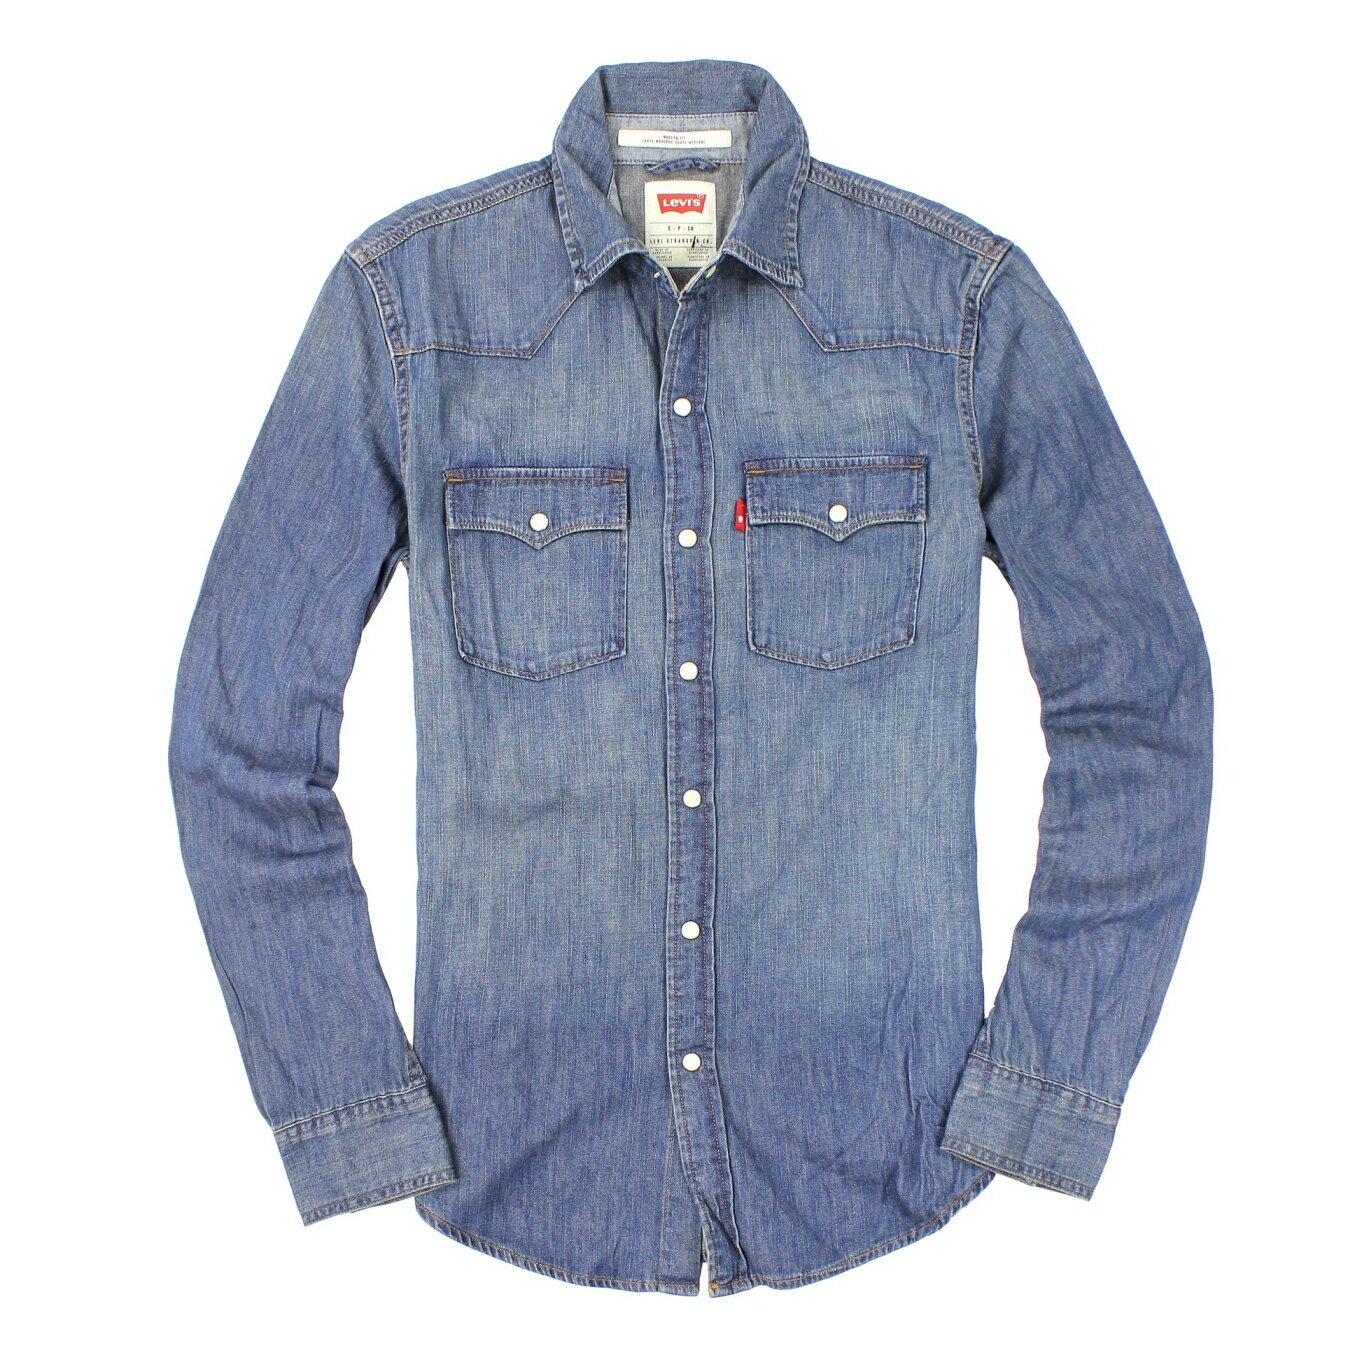 美國百分百【全新真品】Levis 襯衫 牛仔襯衫 長袖 上衣 休閒衫 丹寧 藍 立體 雙口袋 純棉 男 S